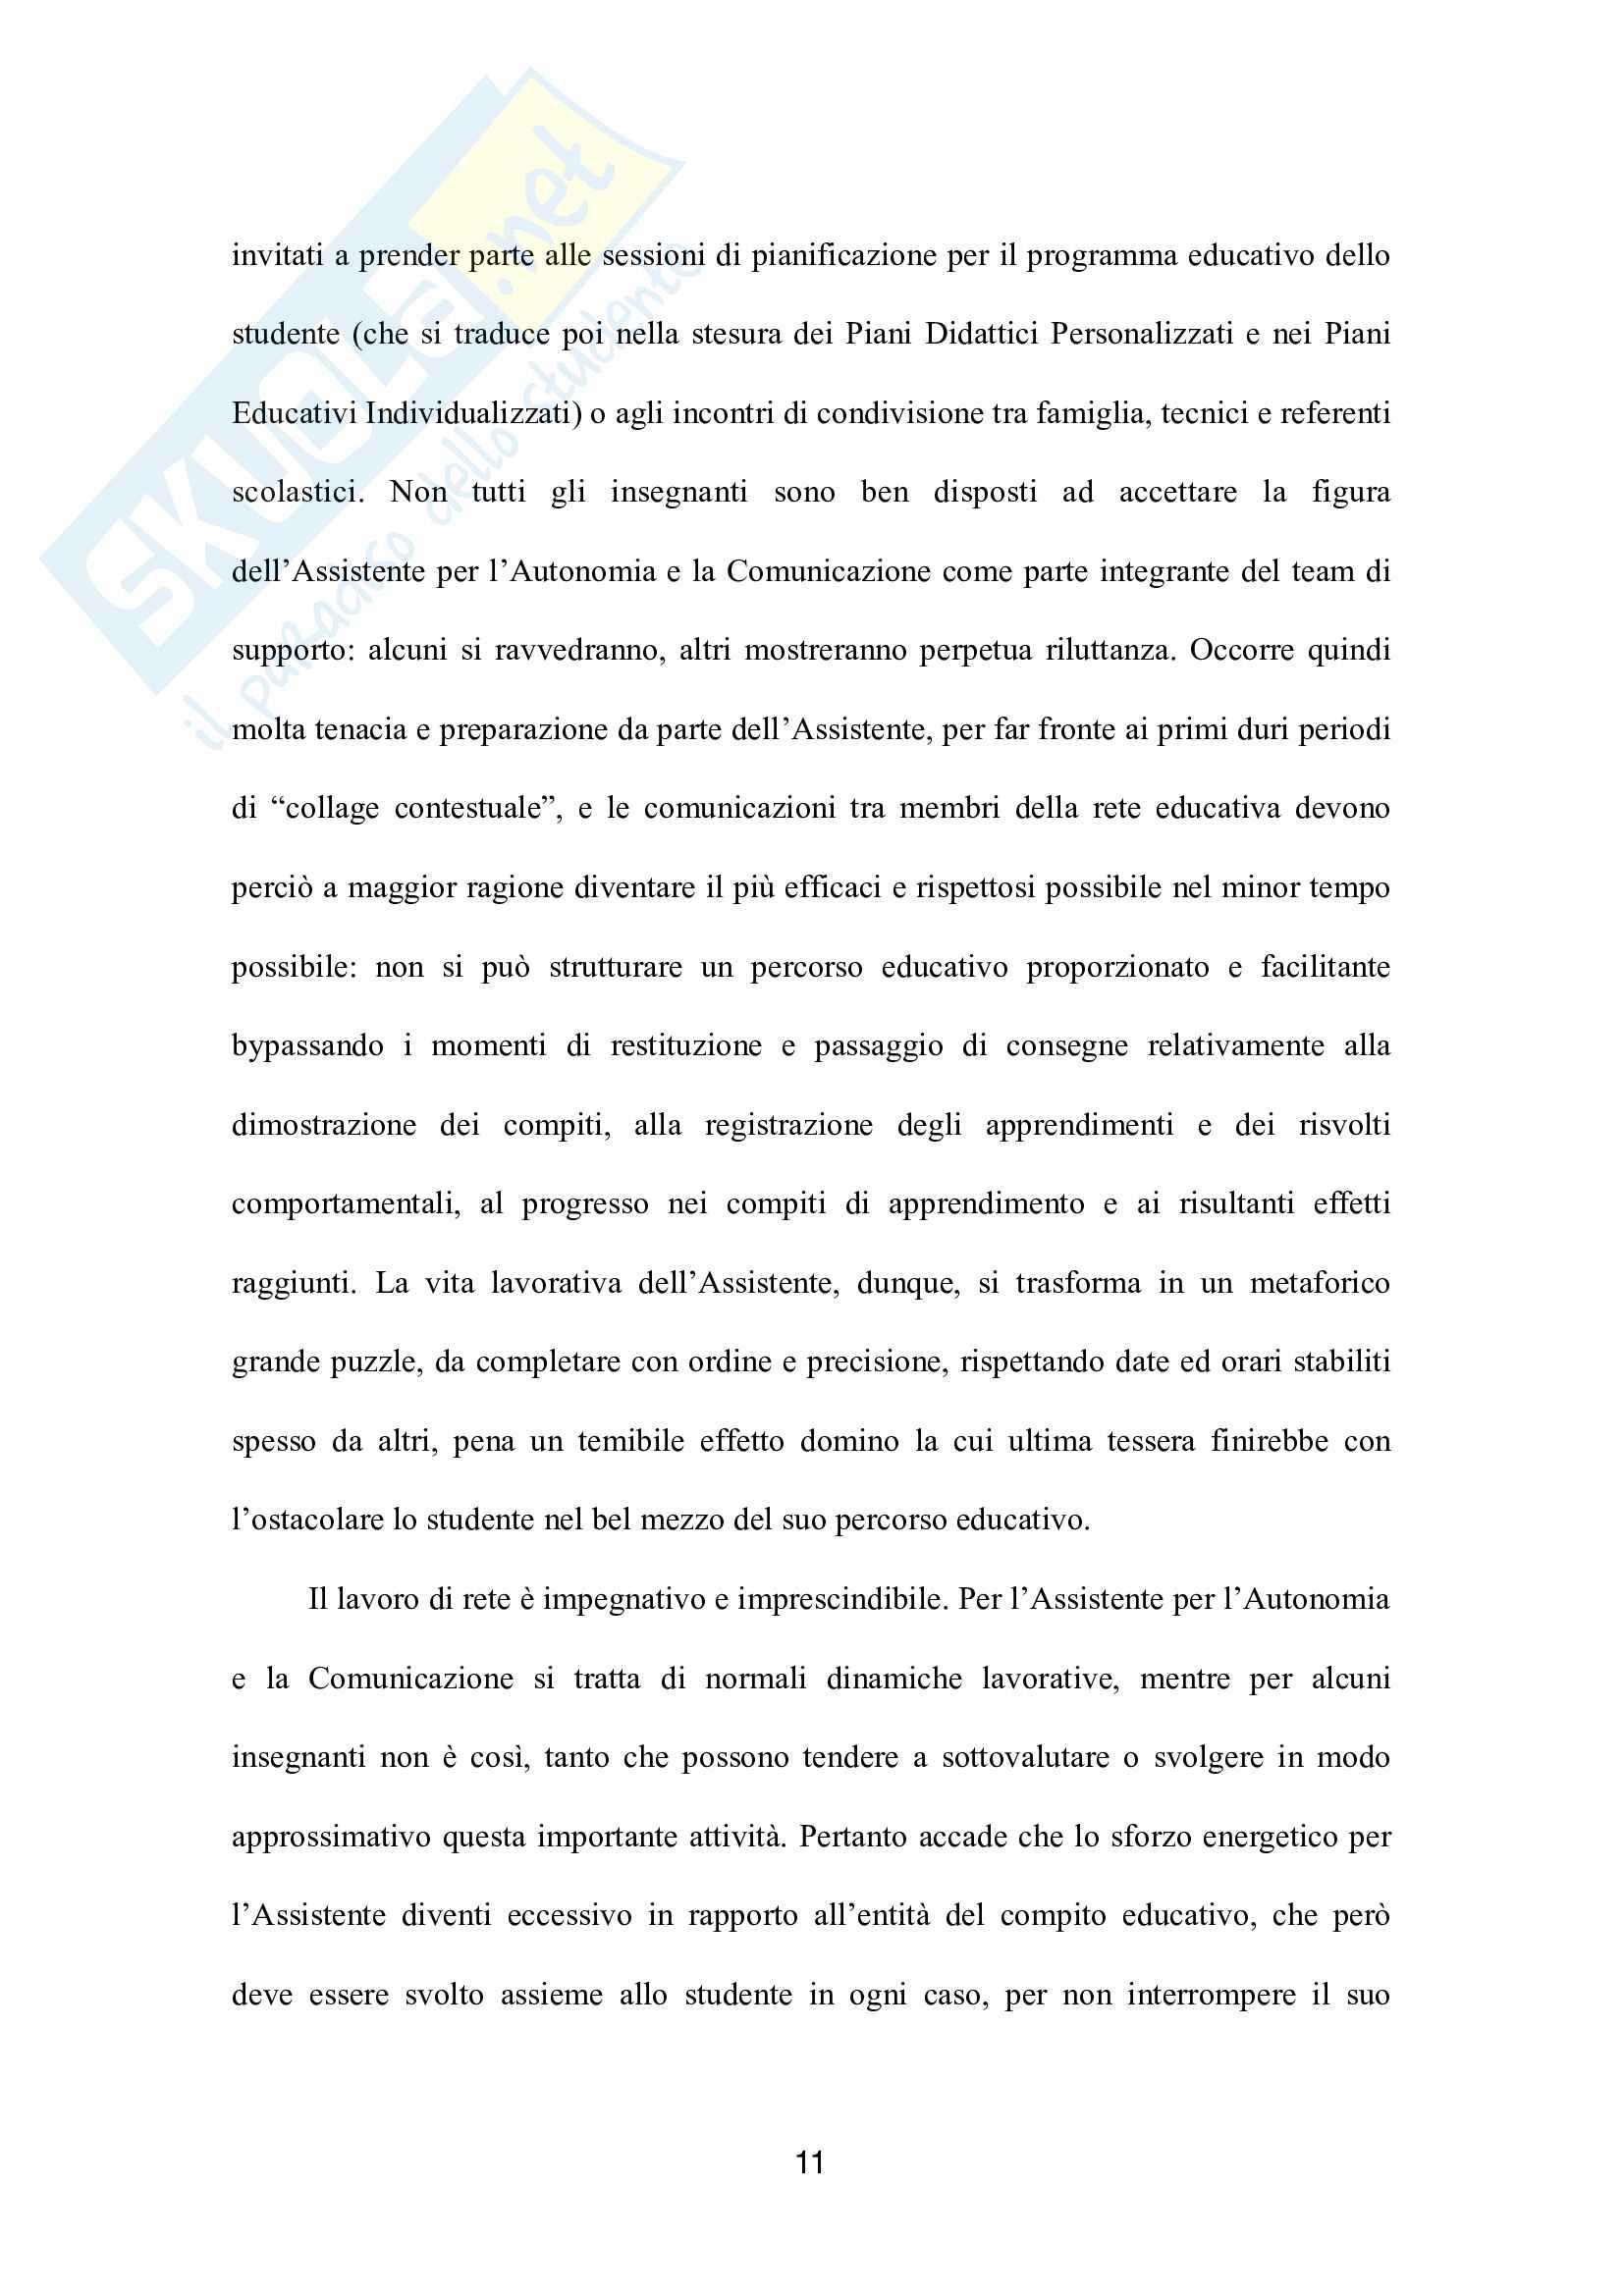 Il ruolo dell'Assistente per l'Autonomia e la Comunicazione nel processo di inclusione sociale dell'alunno disabile Pag. 11